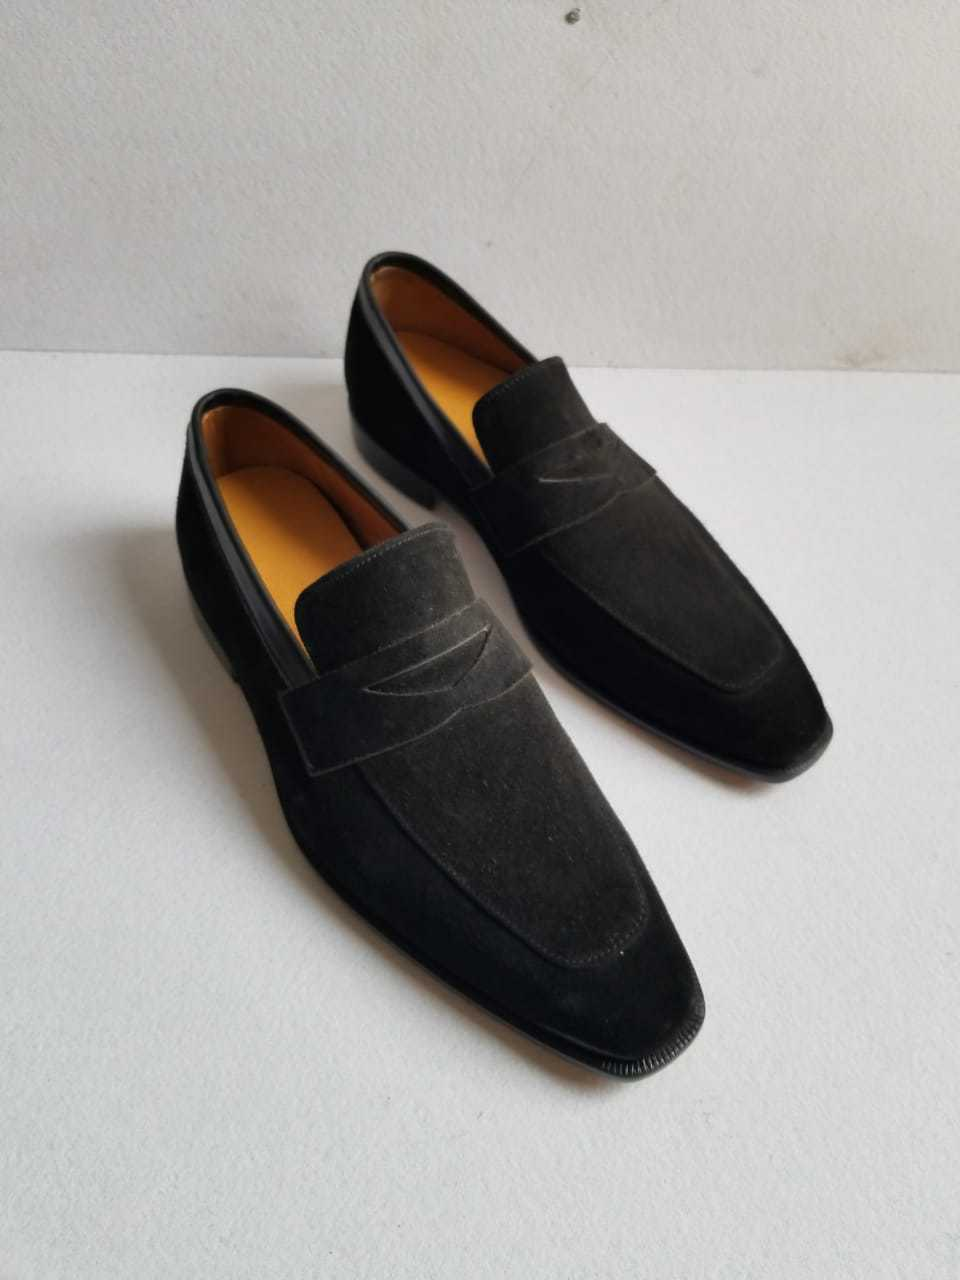 Maßschuhe Männer handgemachte formaler Mokassins Mokassins Mokassins Leder Quast 459d33